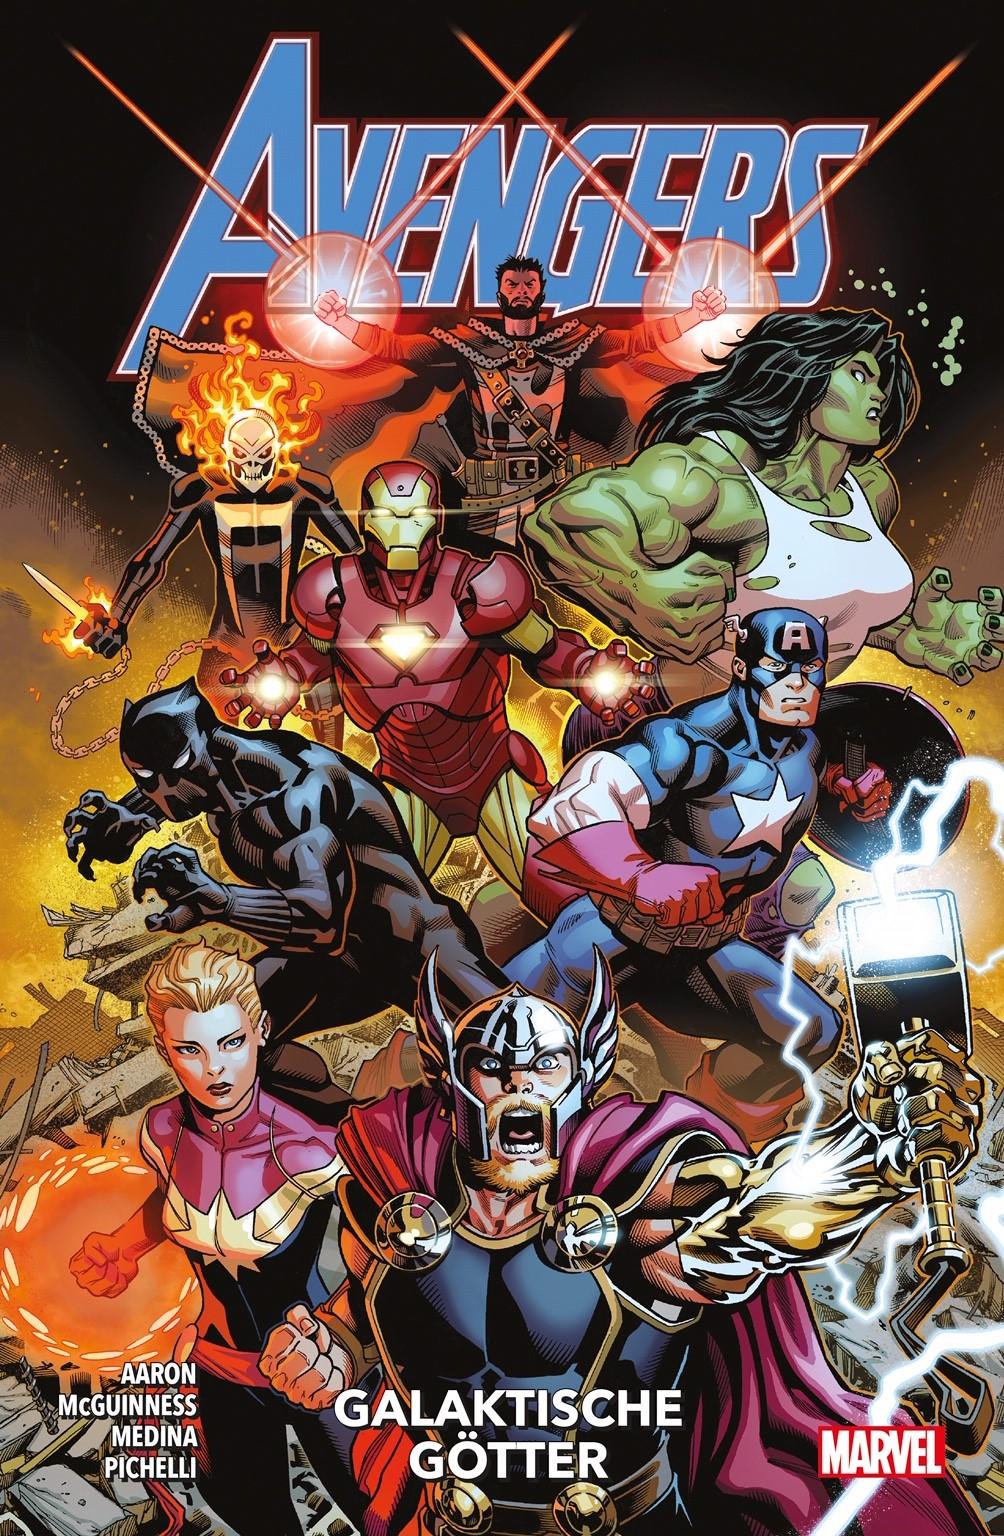 Avengers Paperback 1: Galaktische Götter